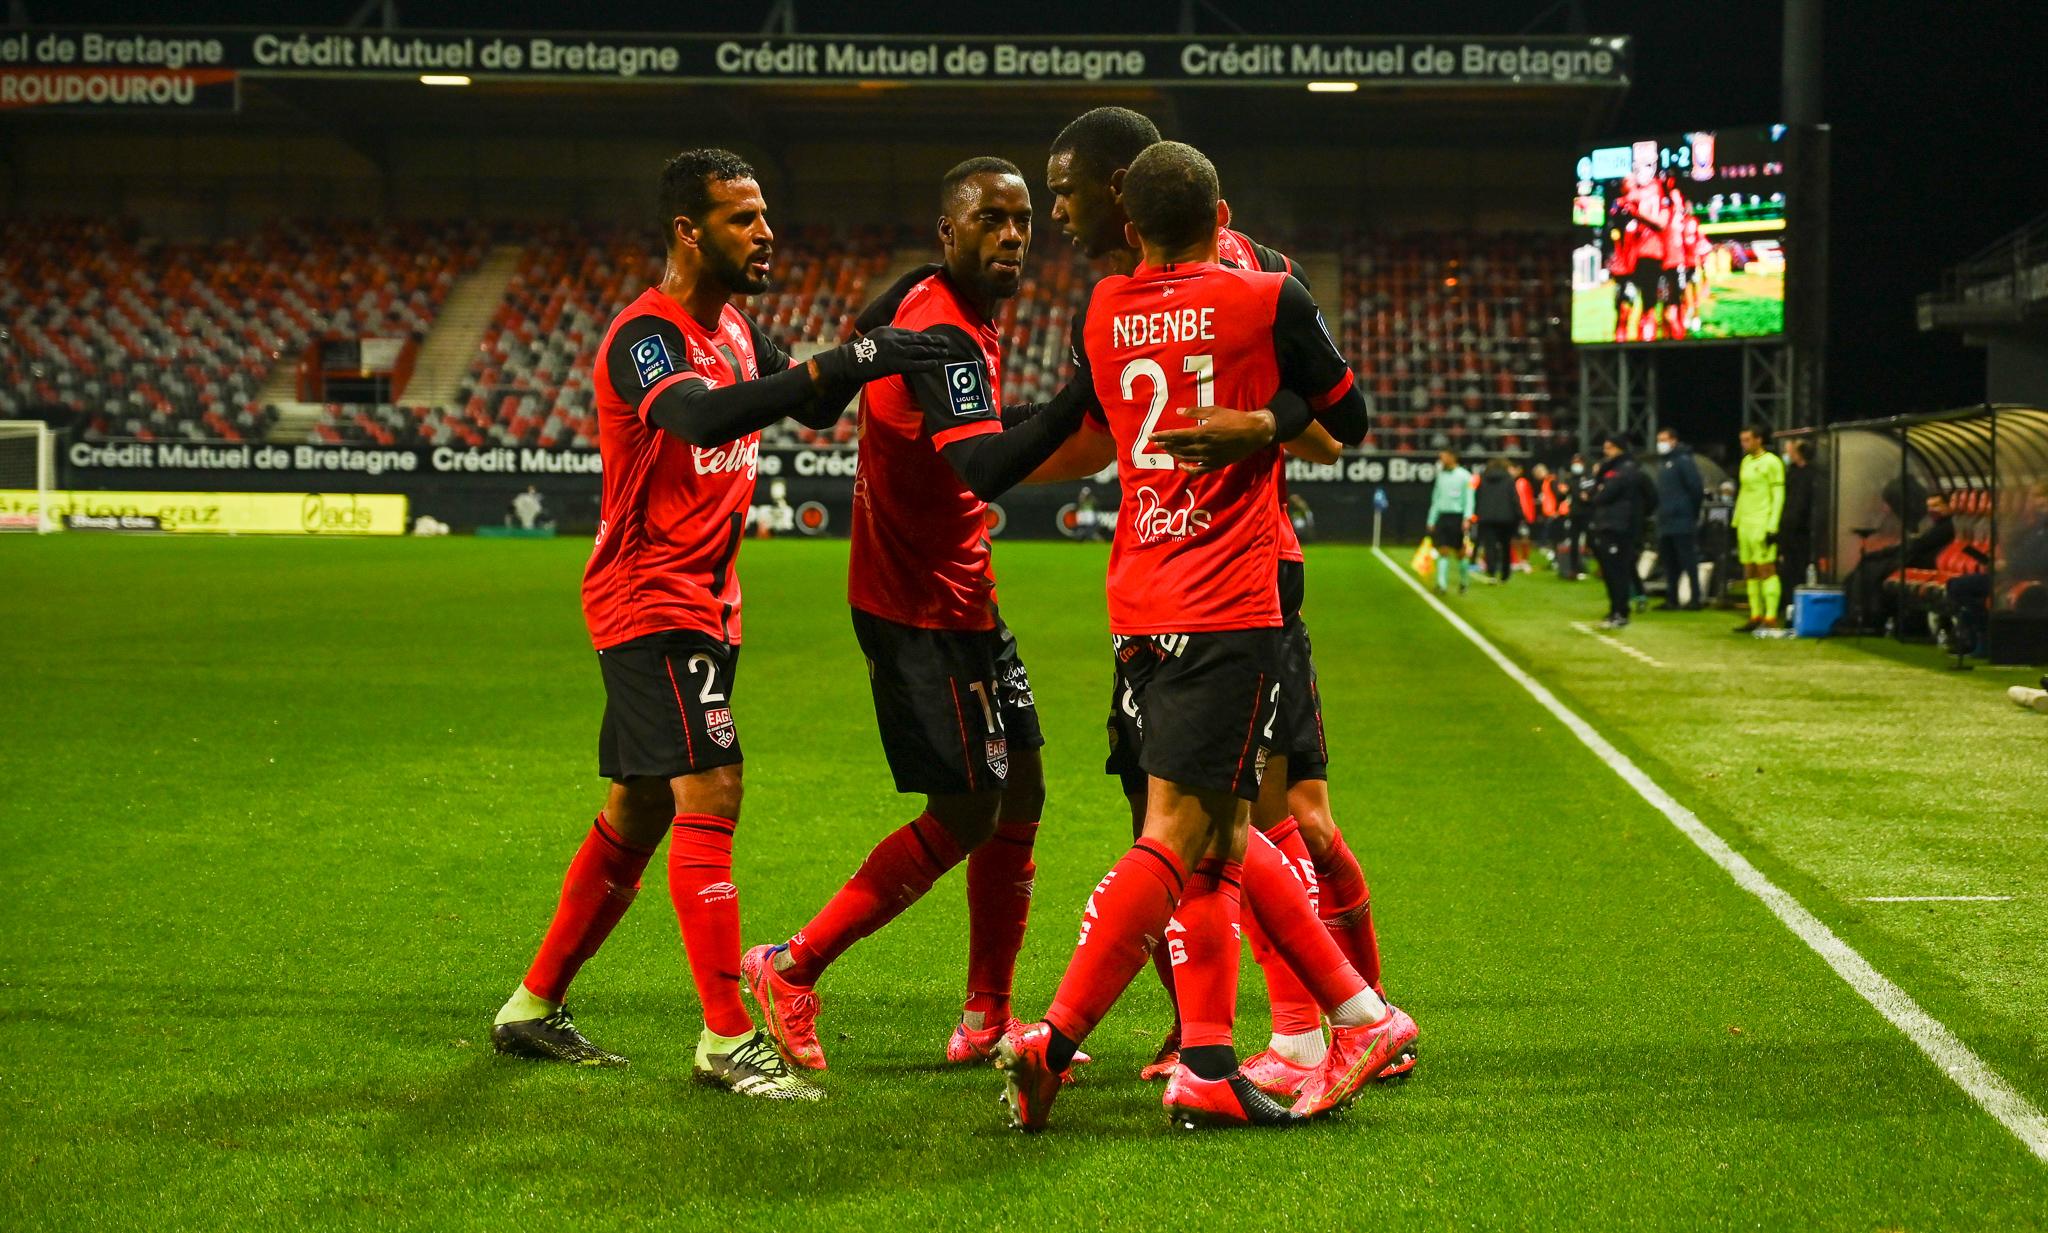 17 EA Guingamp SM Caen 2-2 Ligue 2 BKT Journée 26 2020-21 22 02 2021 EAGSMC